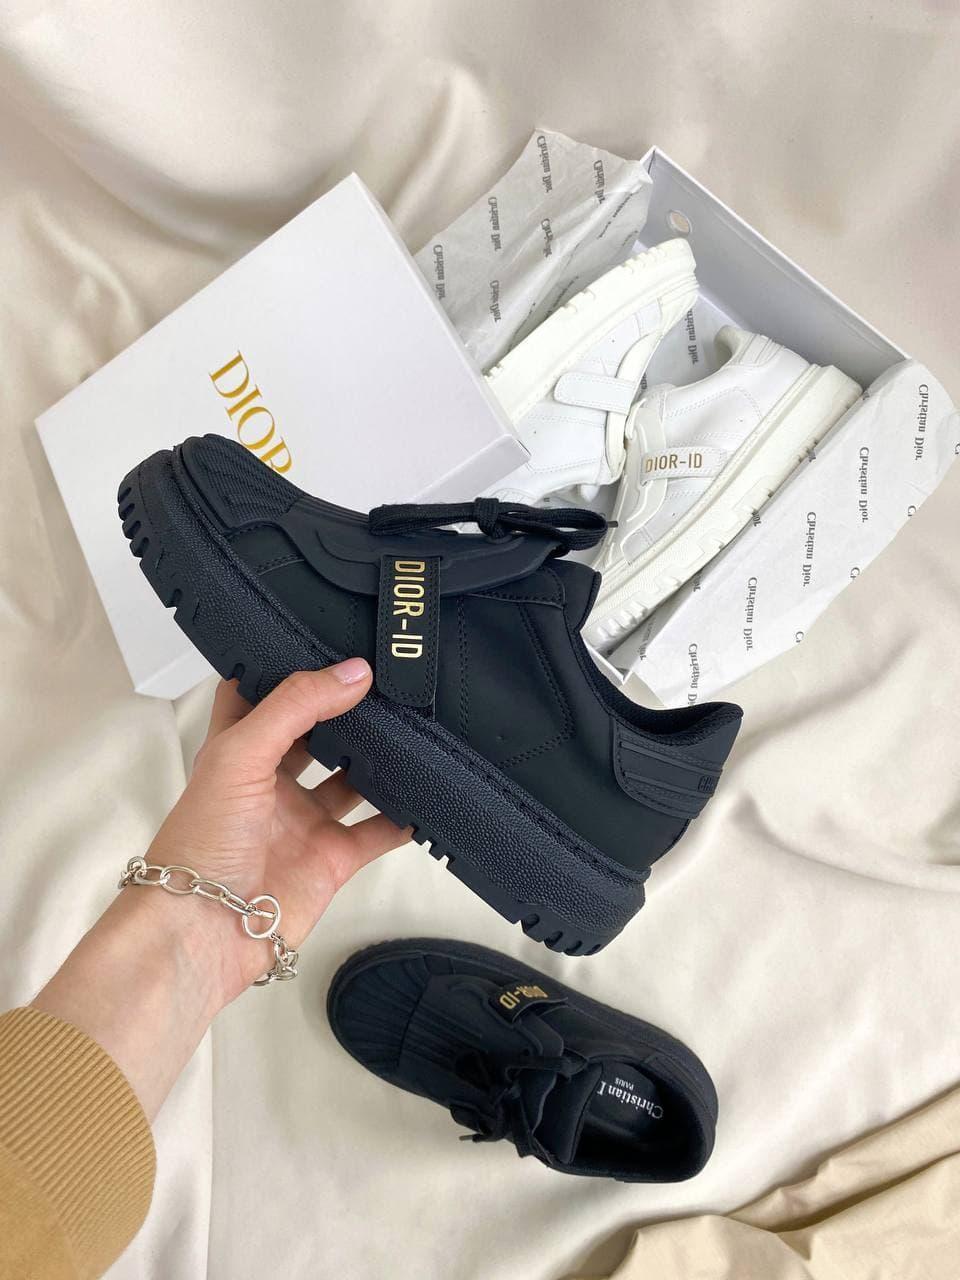 Женские кроссовки Dior-ID Black (черные) DI013 качественные шикарные кеды для девушек